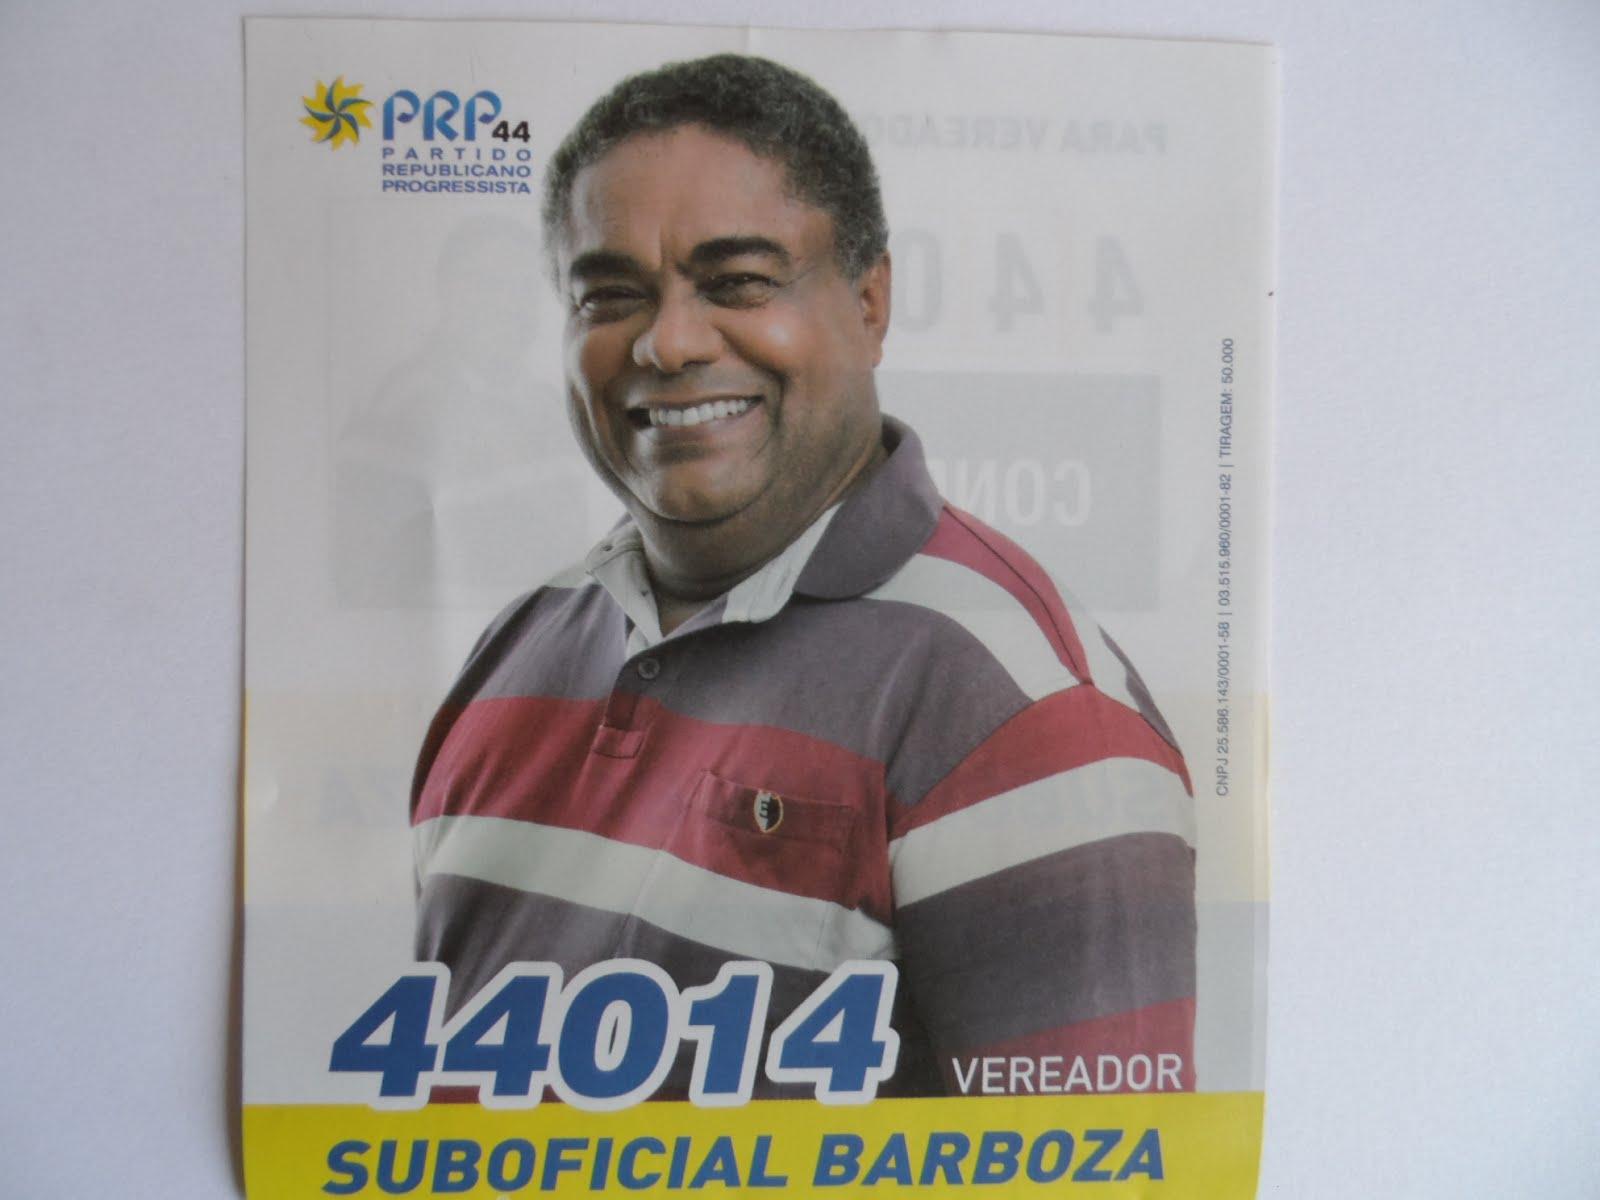 Suboficial Barboza - Vereador - 44014